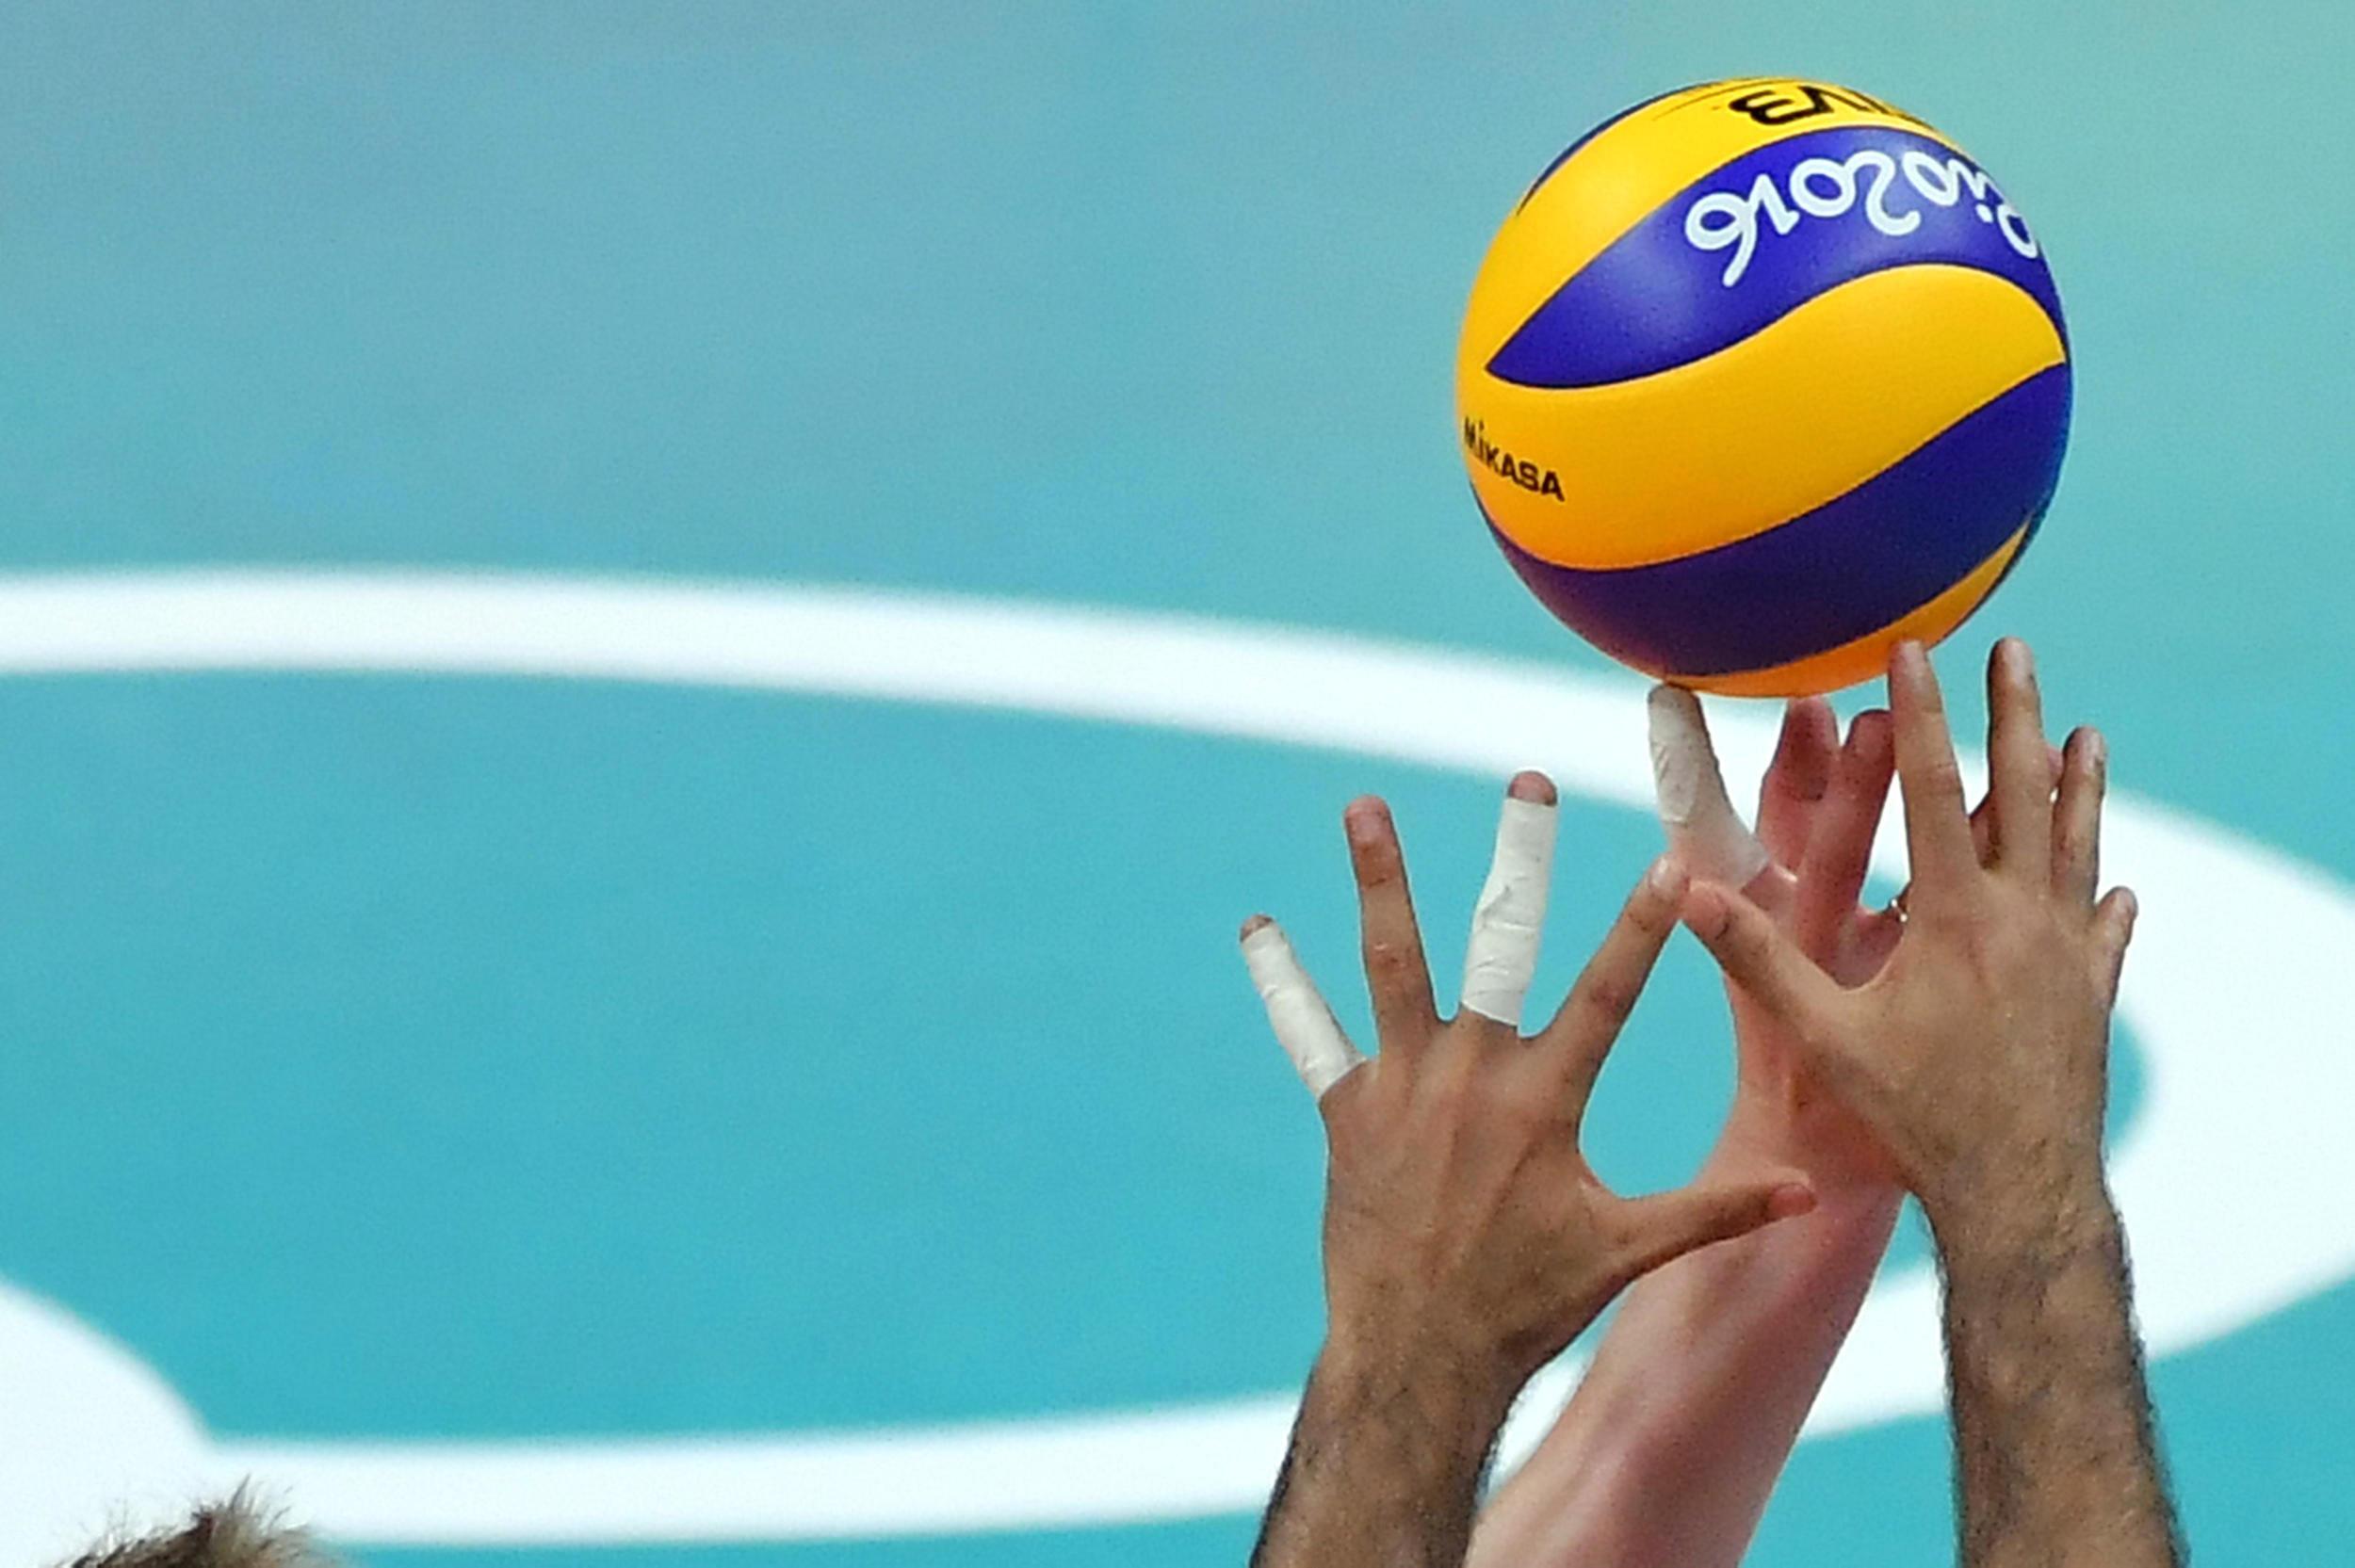 VolleyballinRIO2016.jpg